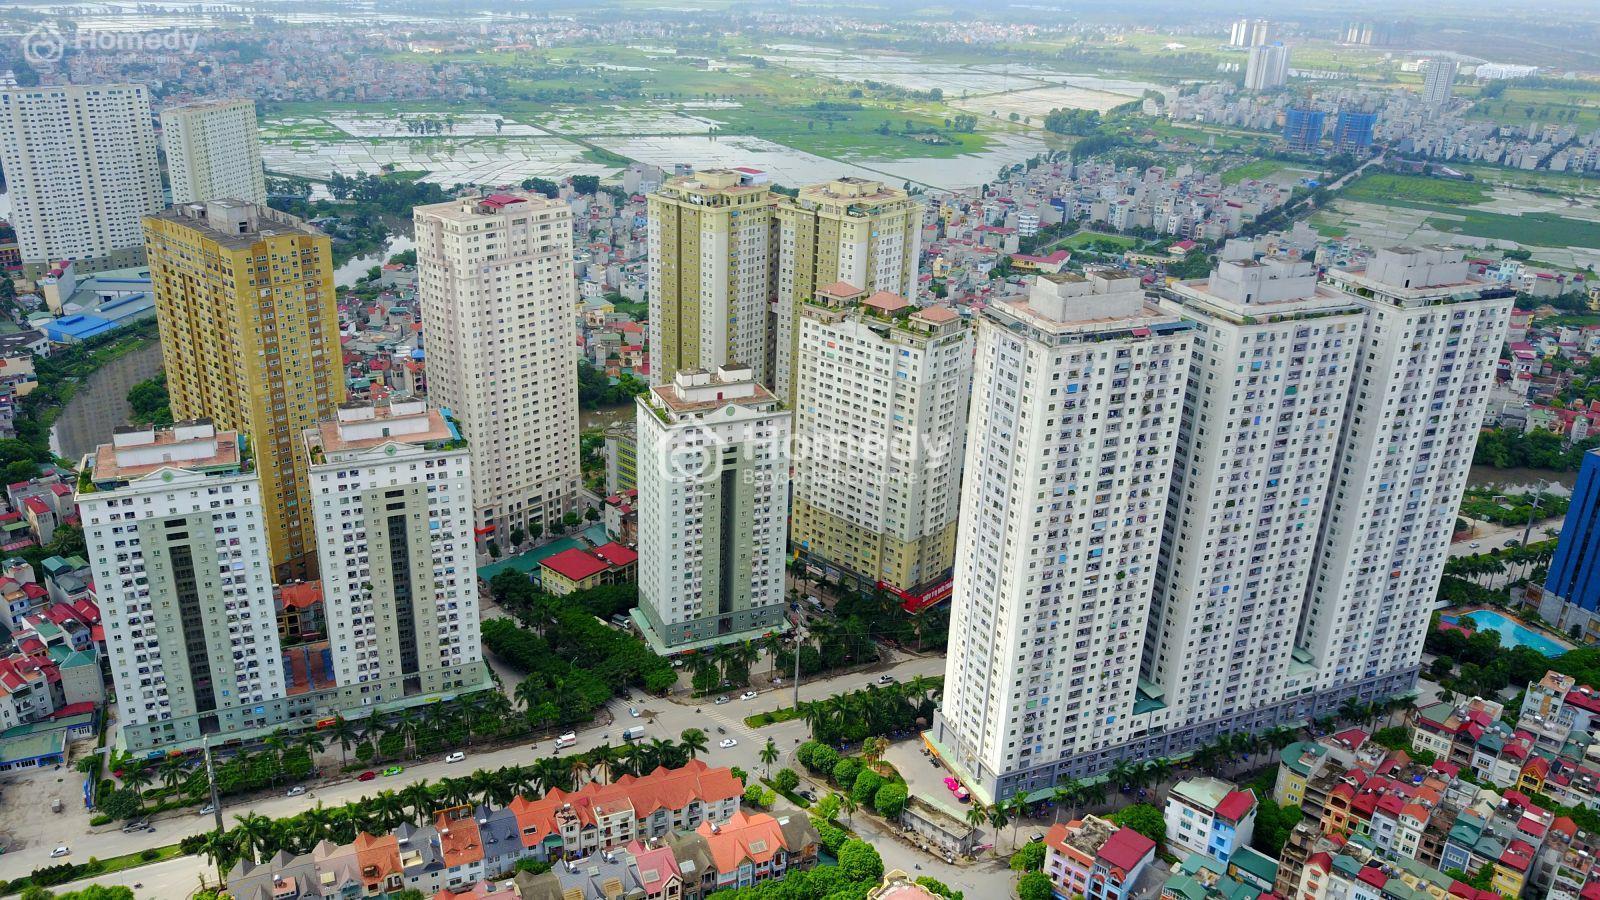 Thị trường BĐS Hà Nội từ dịch Covid-10 đã có nhiều dự án không bán được hàng hoặc lượng bán không đáng kể, không ngoại trừ các đại dự án đang được quảng cáo rầm rộ